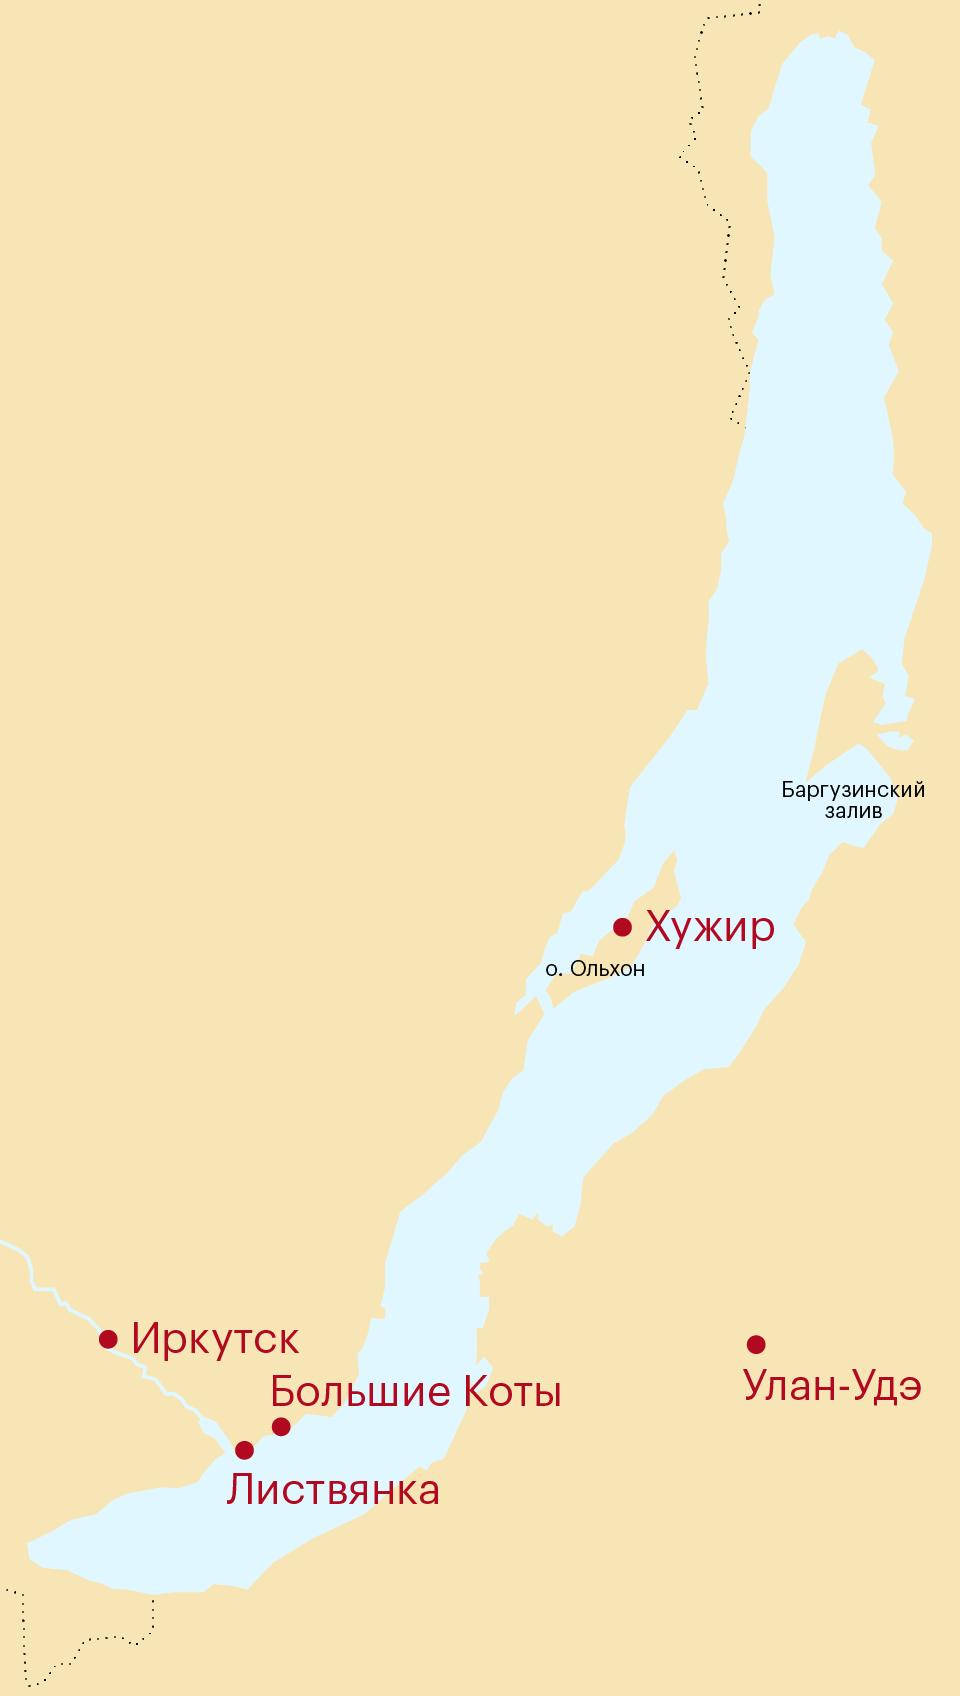 Остров Ольхон на Байкале (как добраться, базы отдыха, достопримечательности)